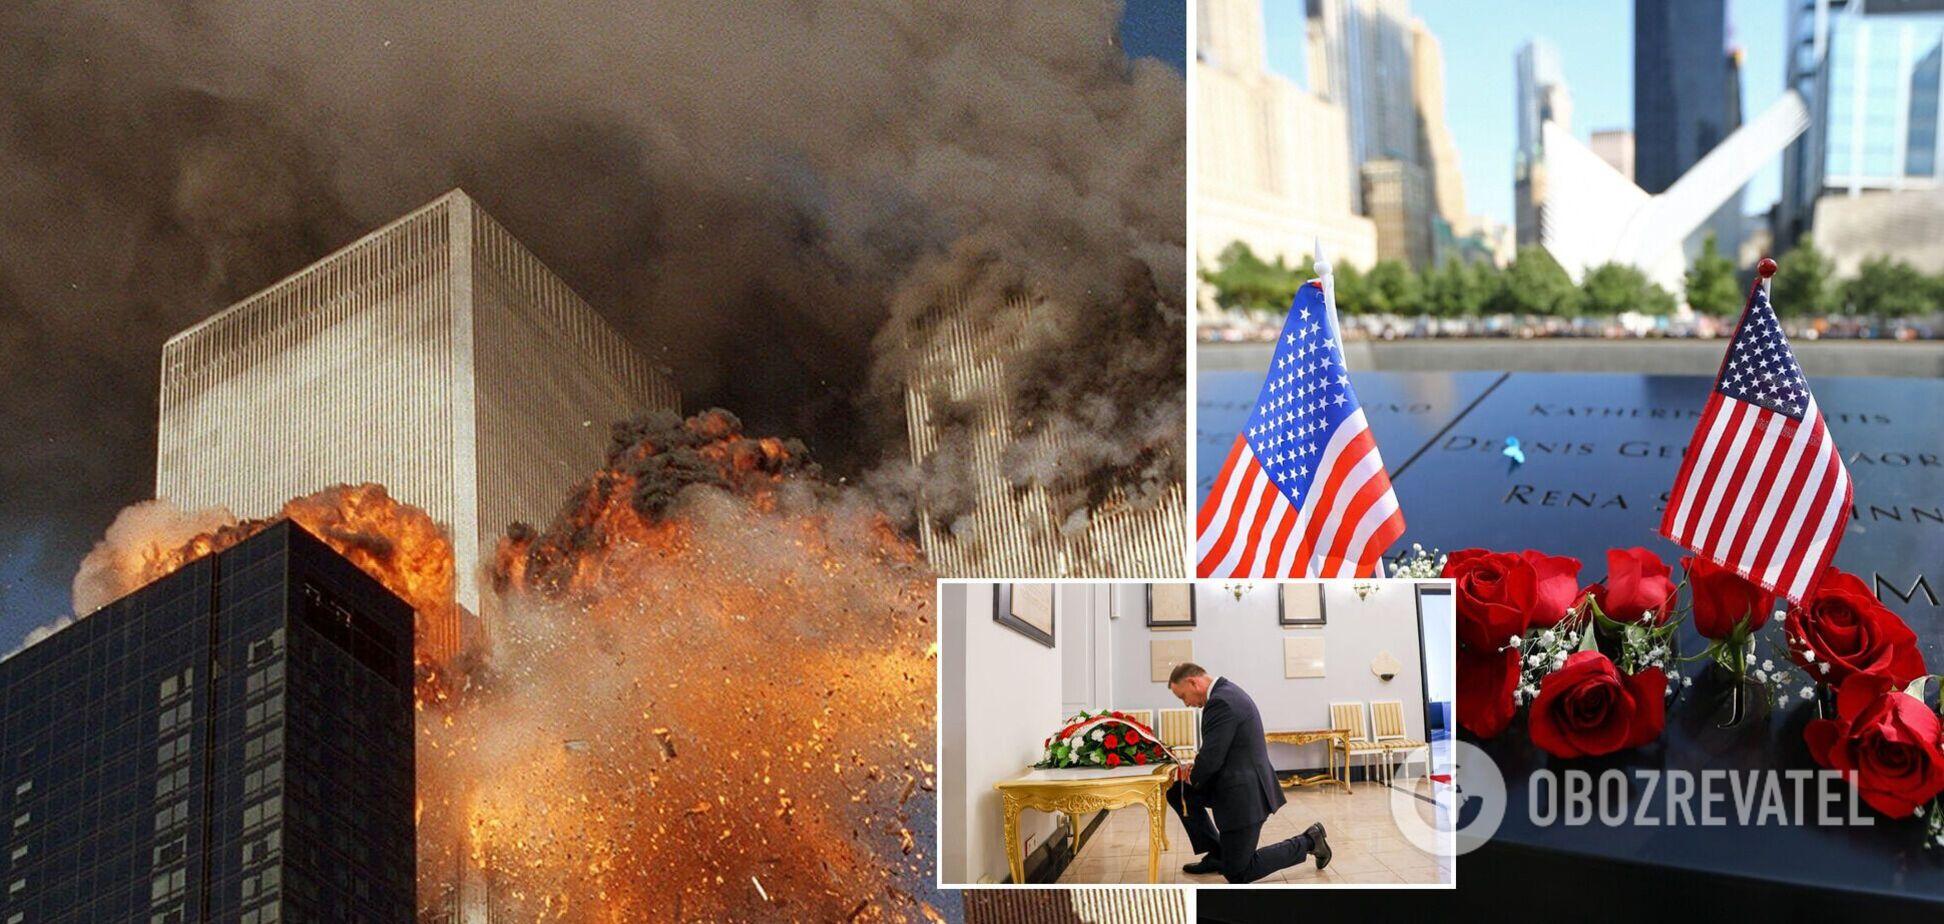 Байден і світові лідери зробили заяви до 20-ї річниці терактів 9/11